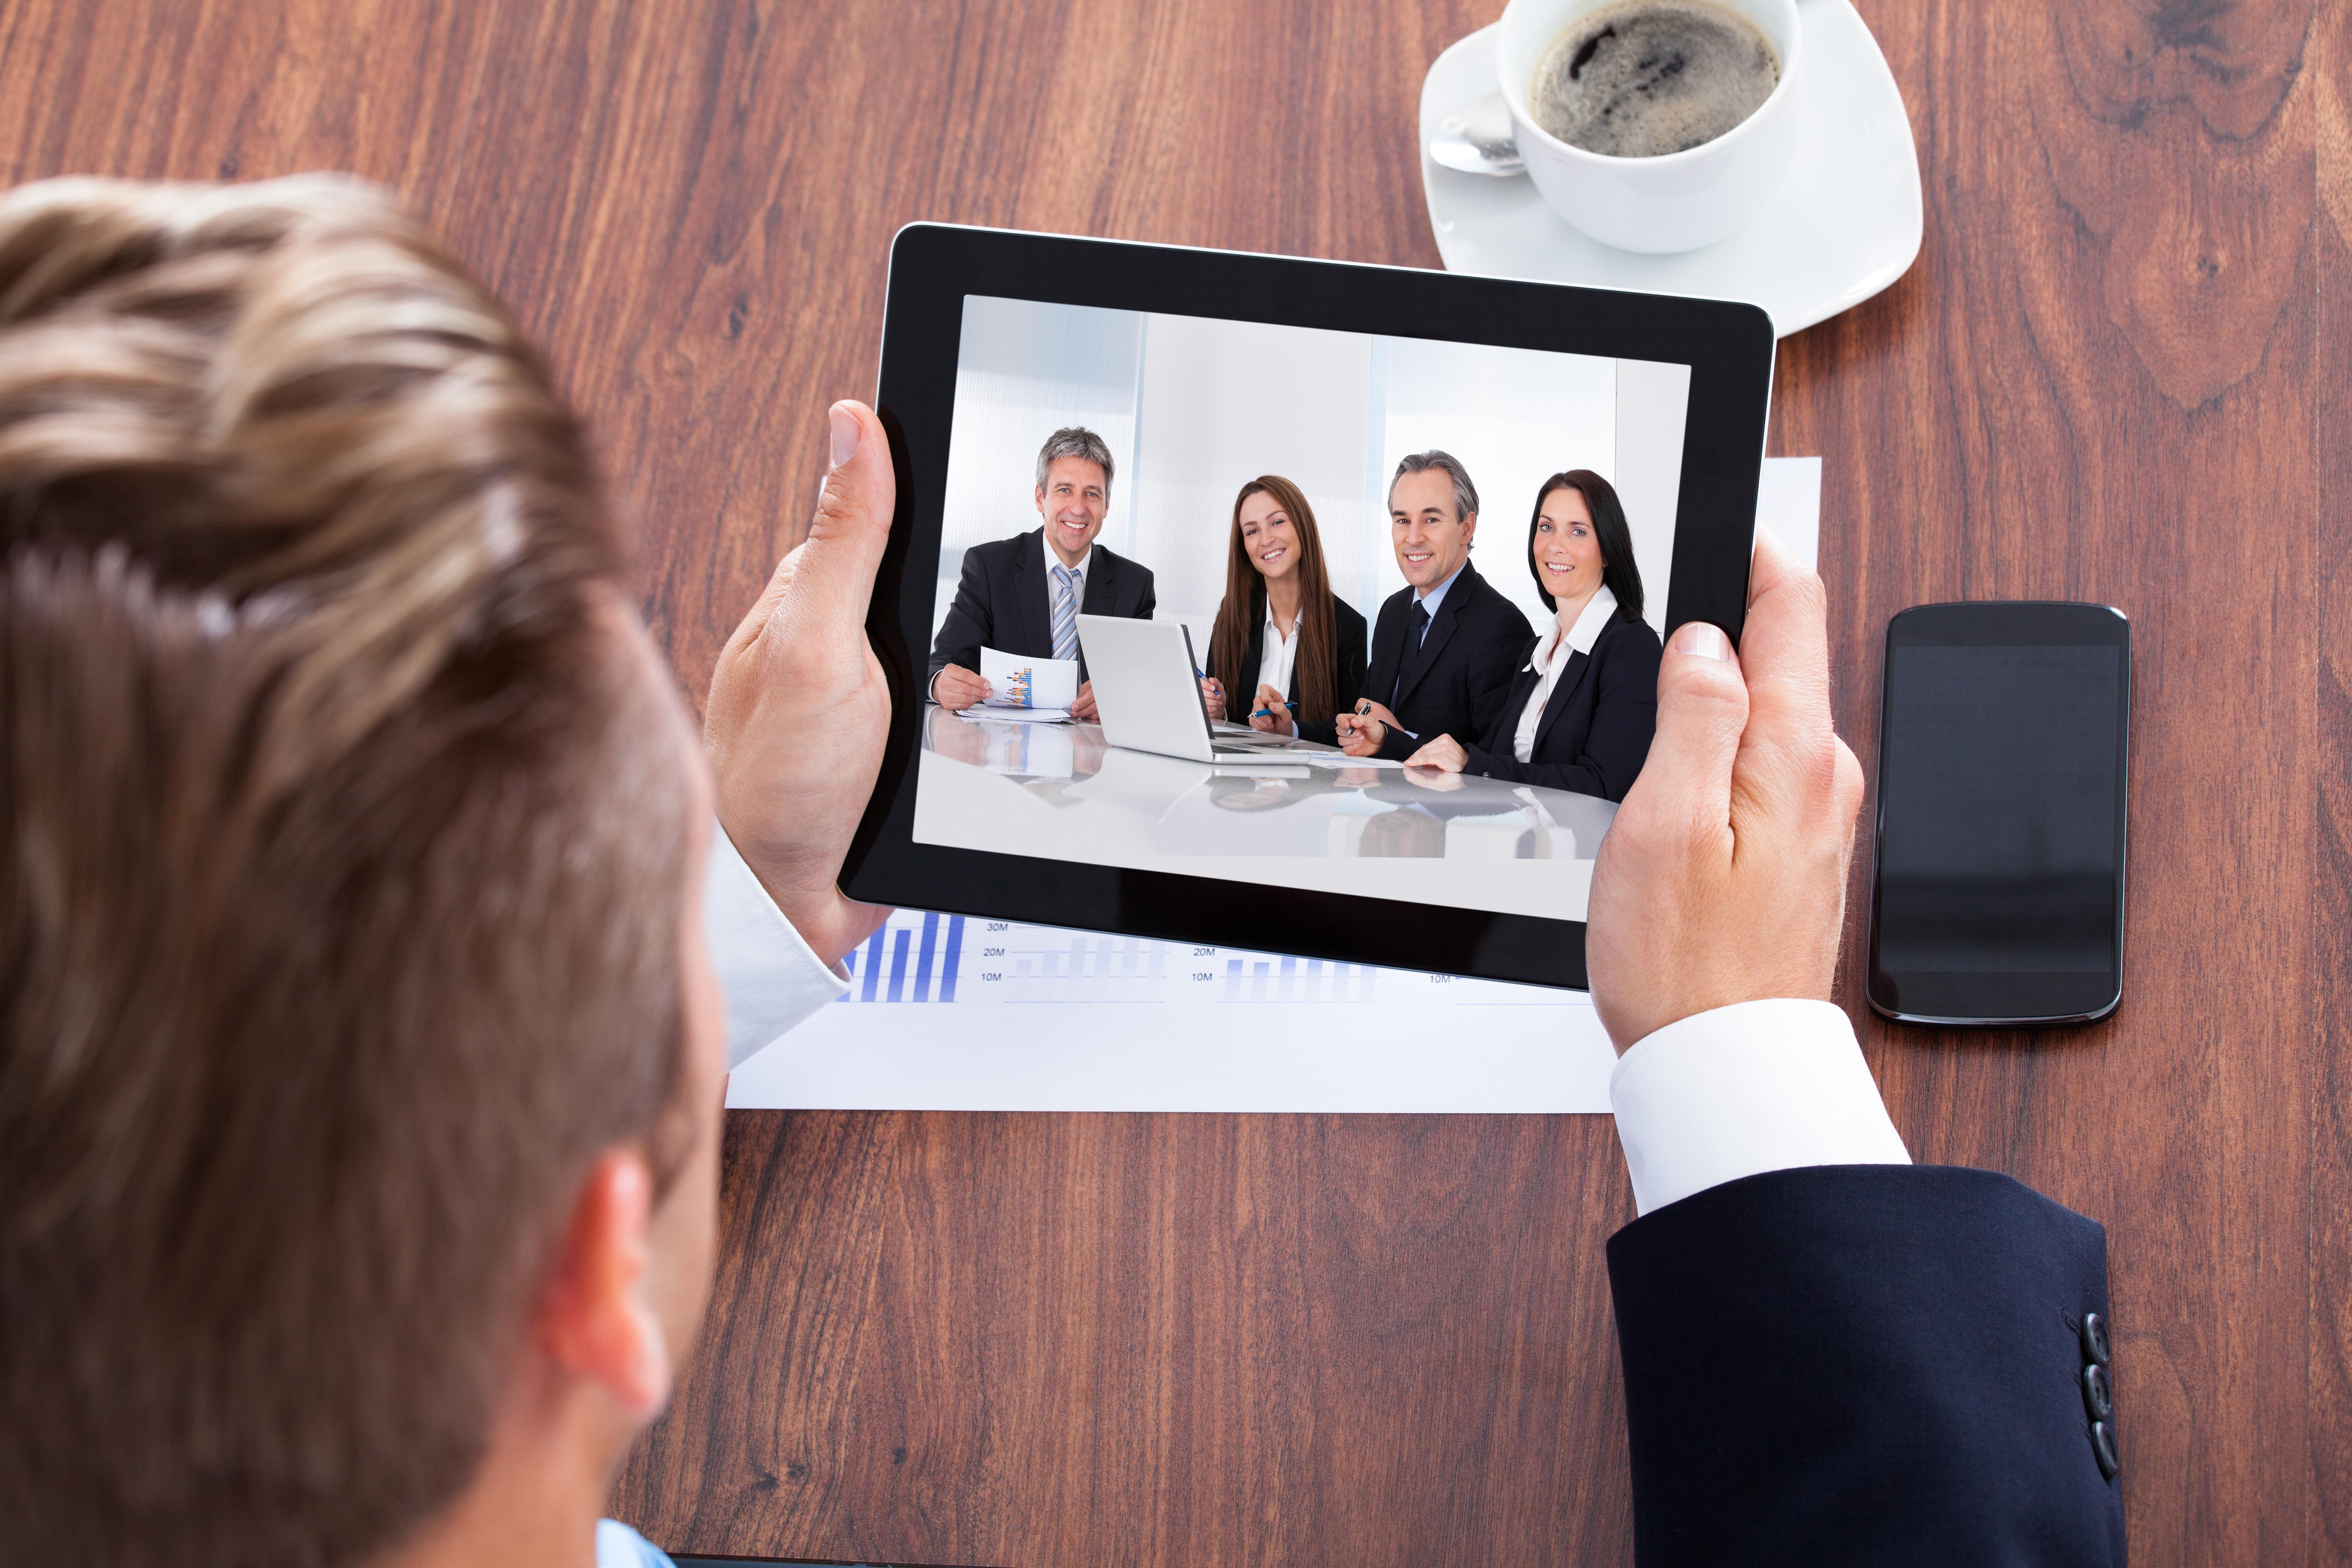 Några tips för ett lyckat videomöte